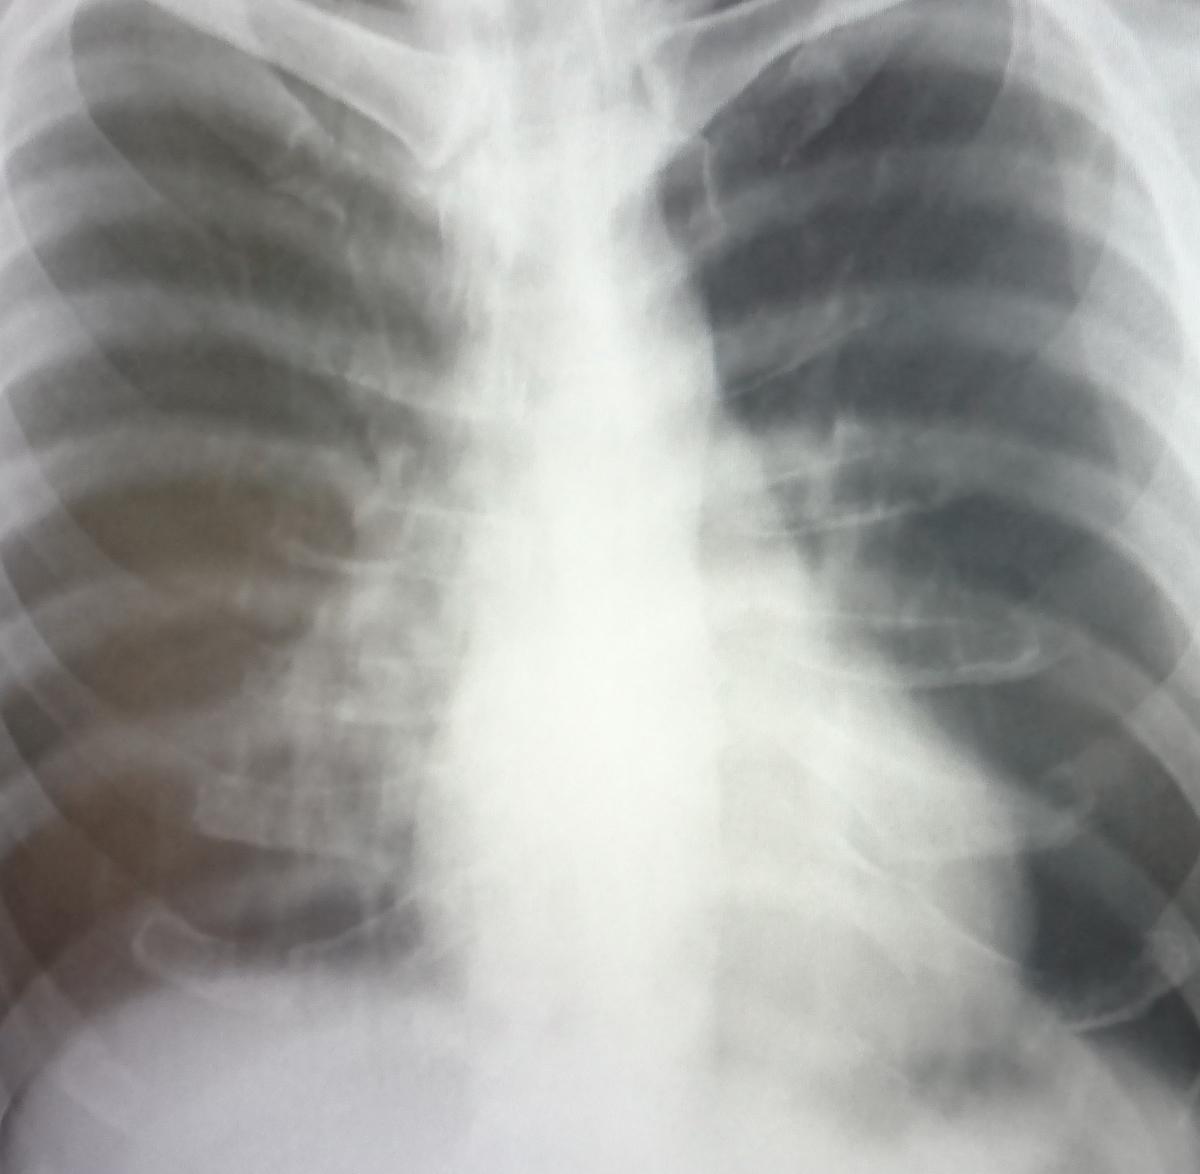 息止め不良なため気管支の分布が不明瞭な胸部xp